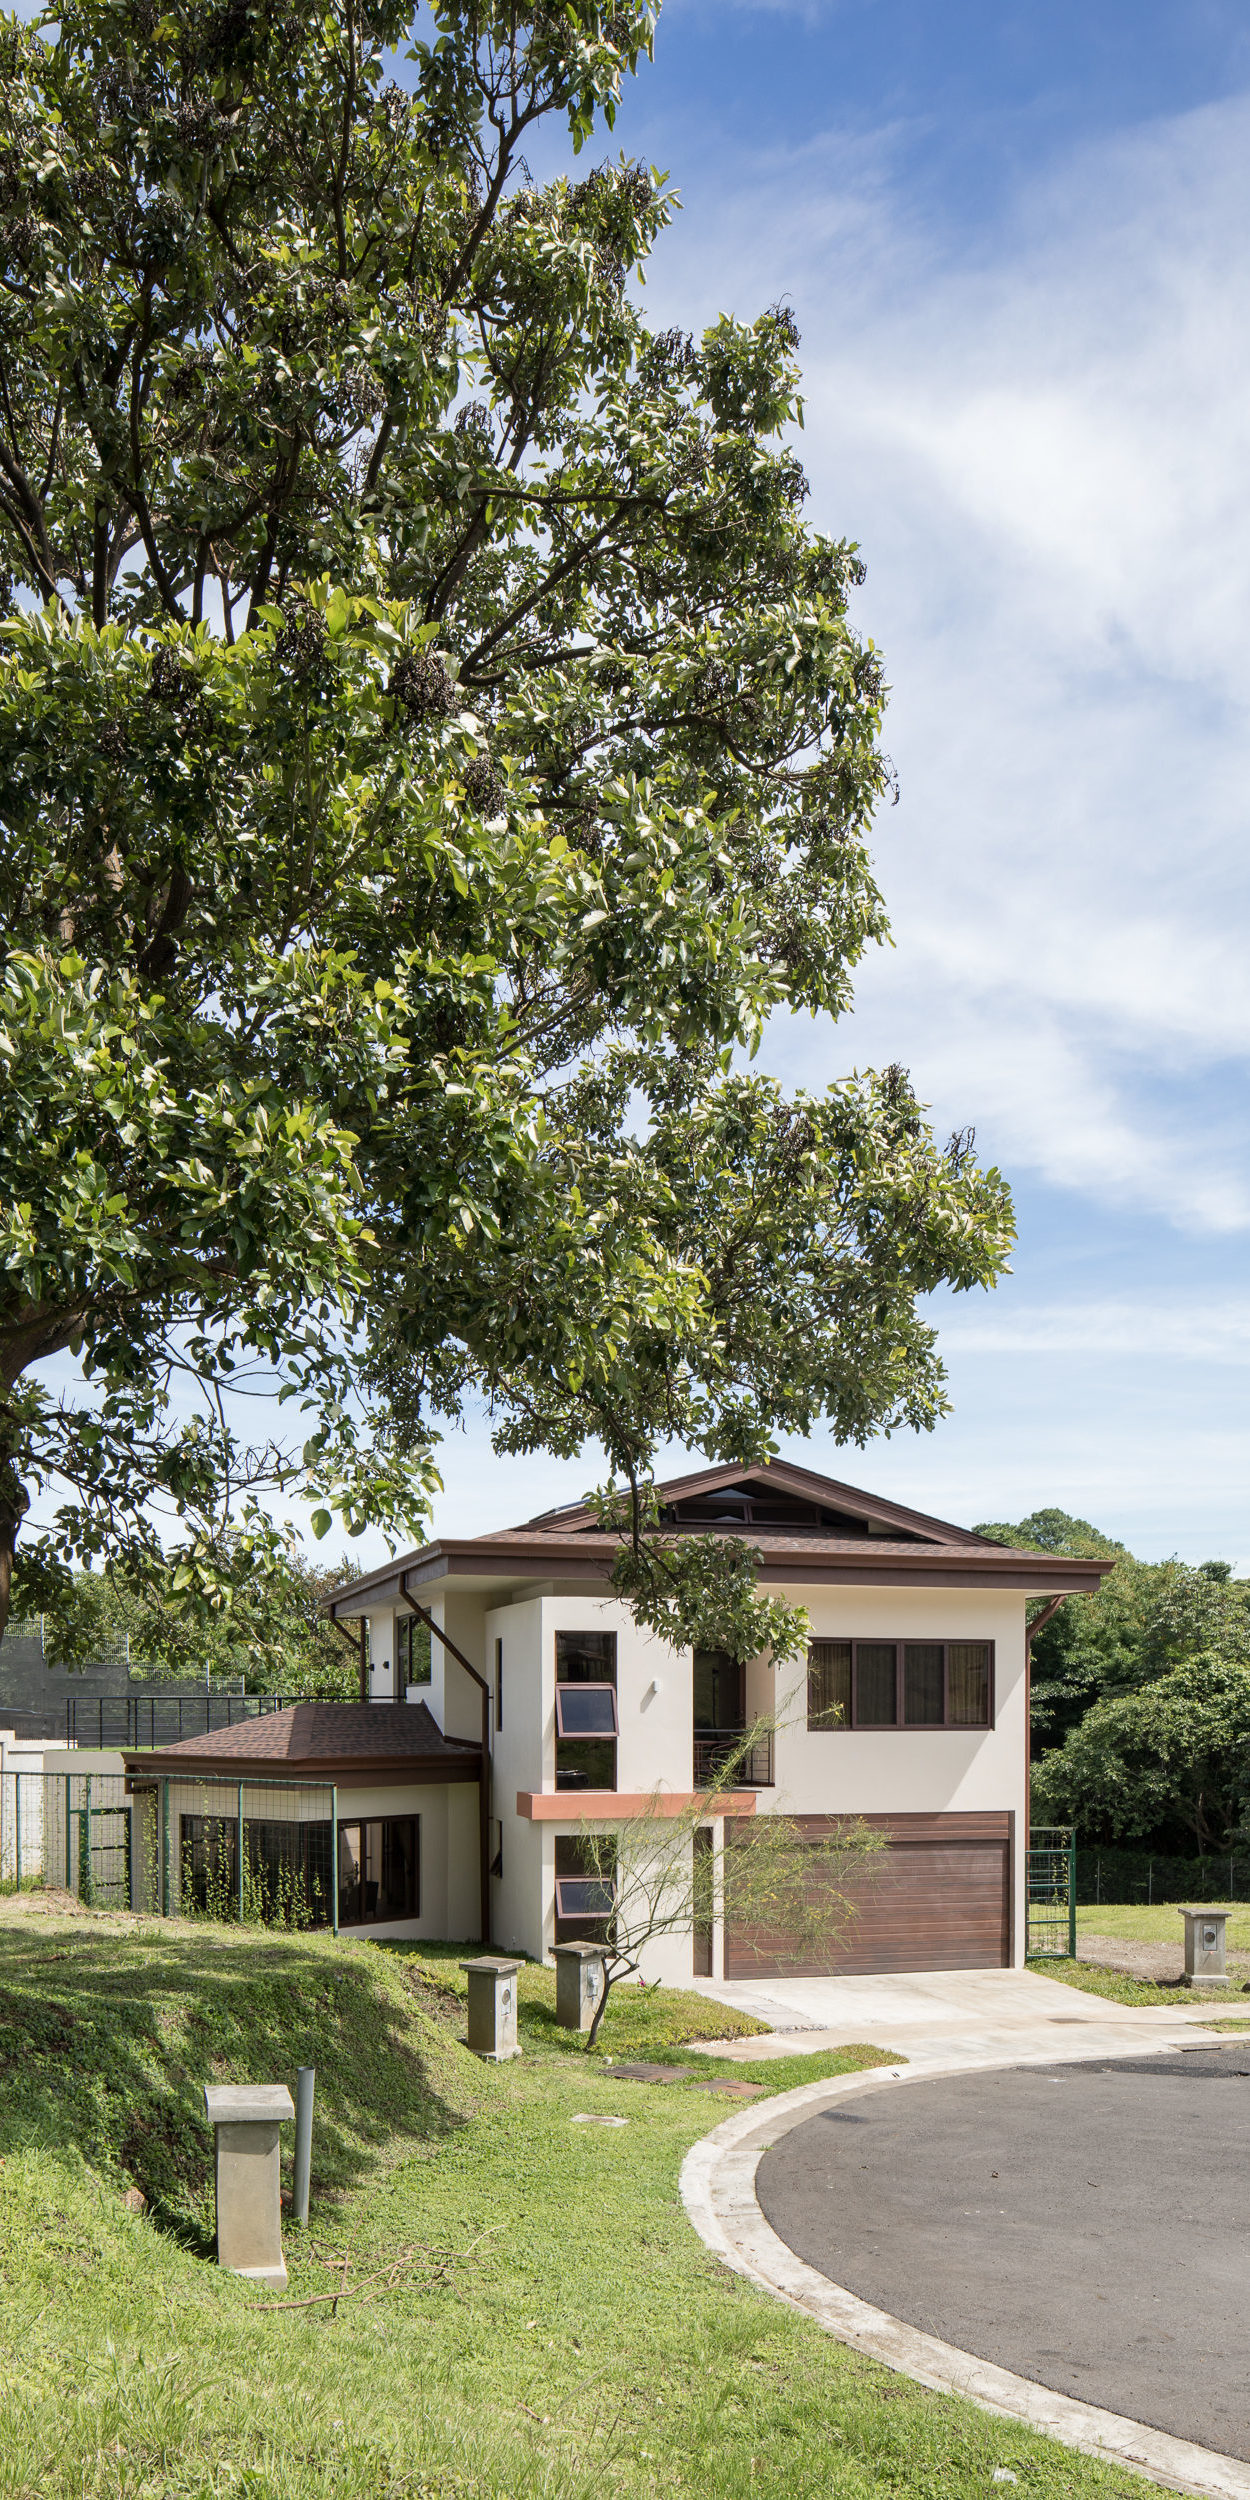 casa y naturaleza costa rica